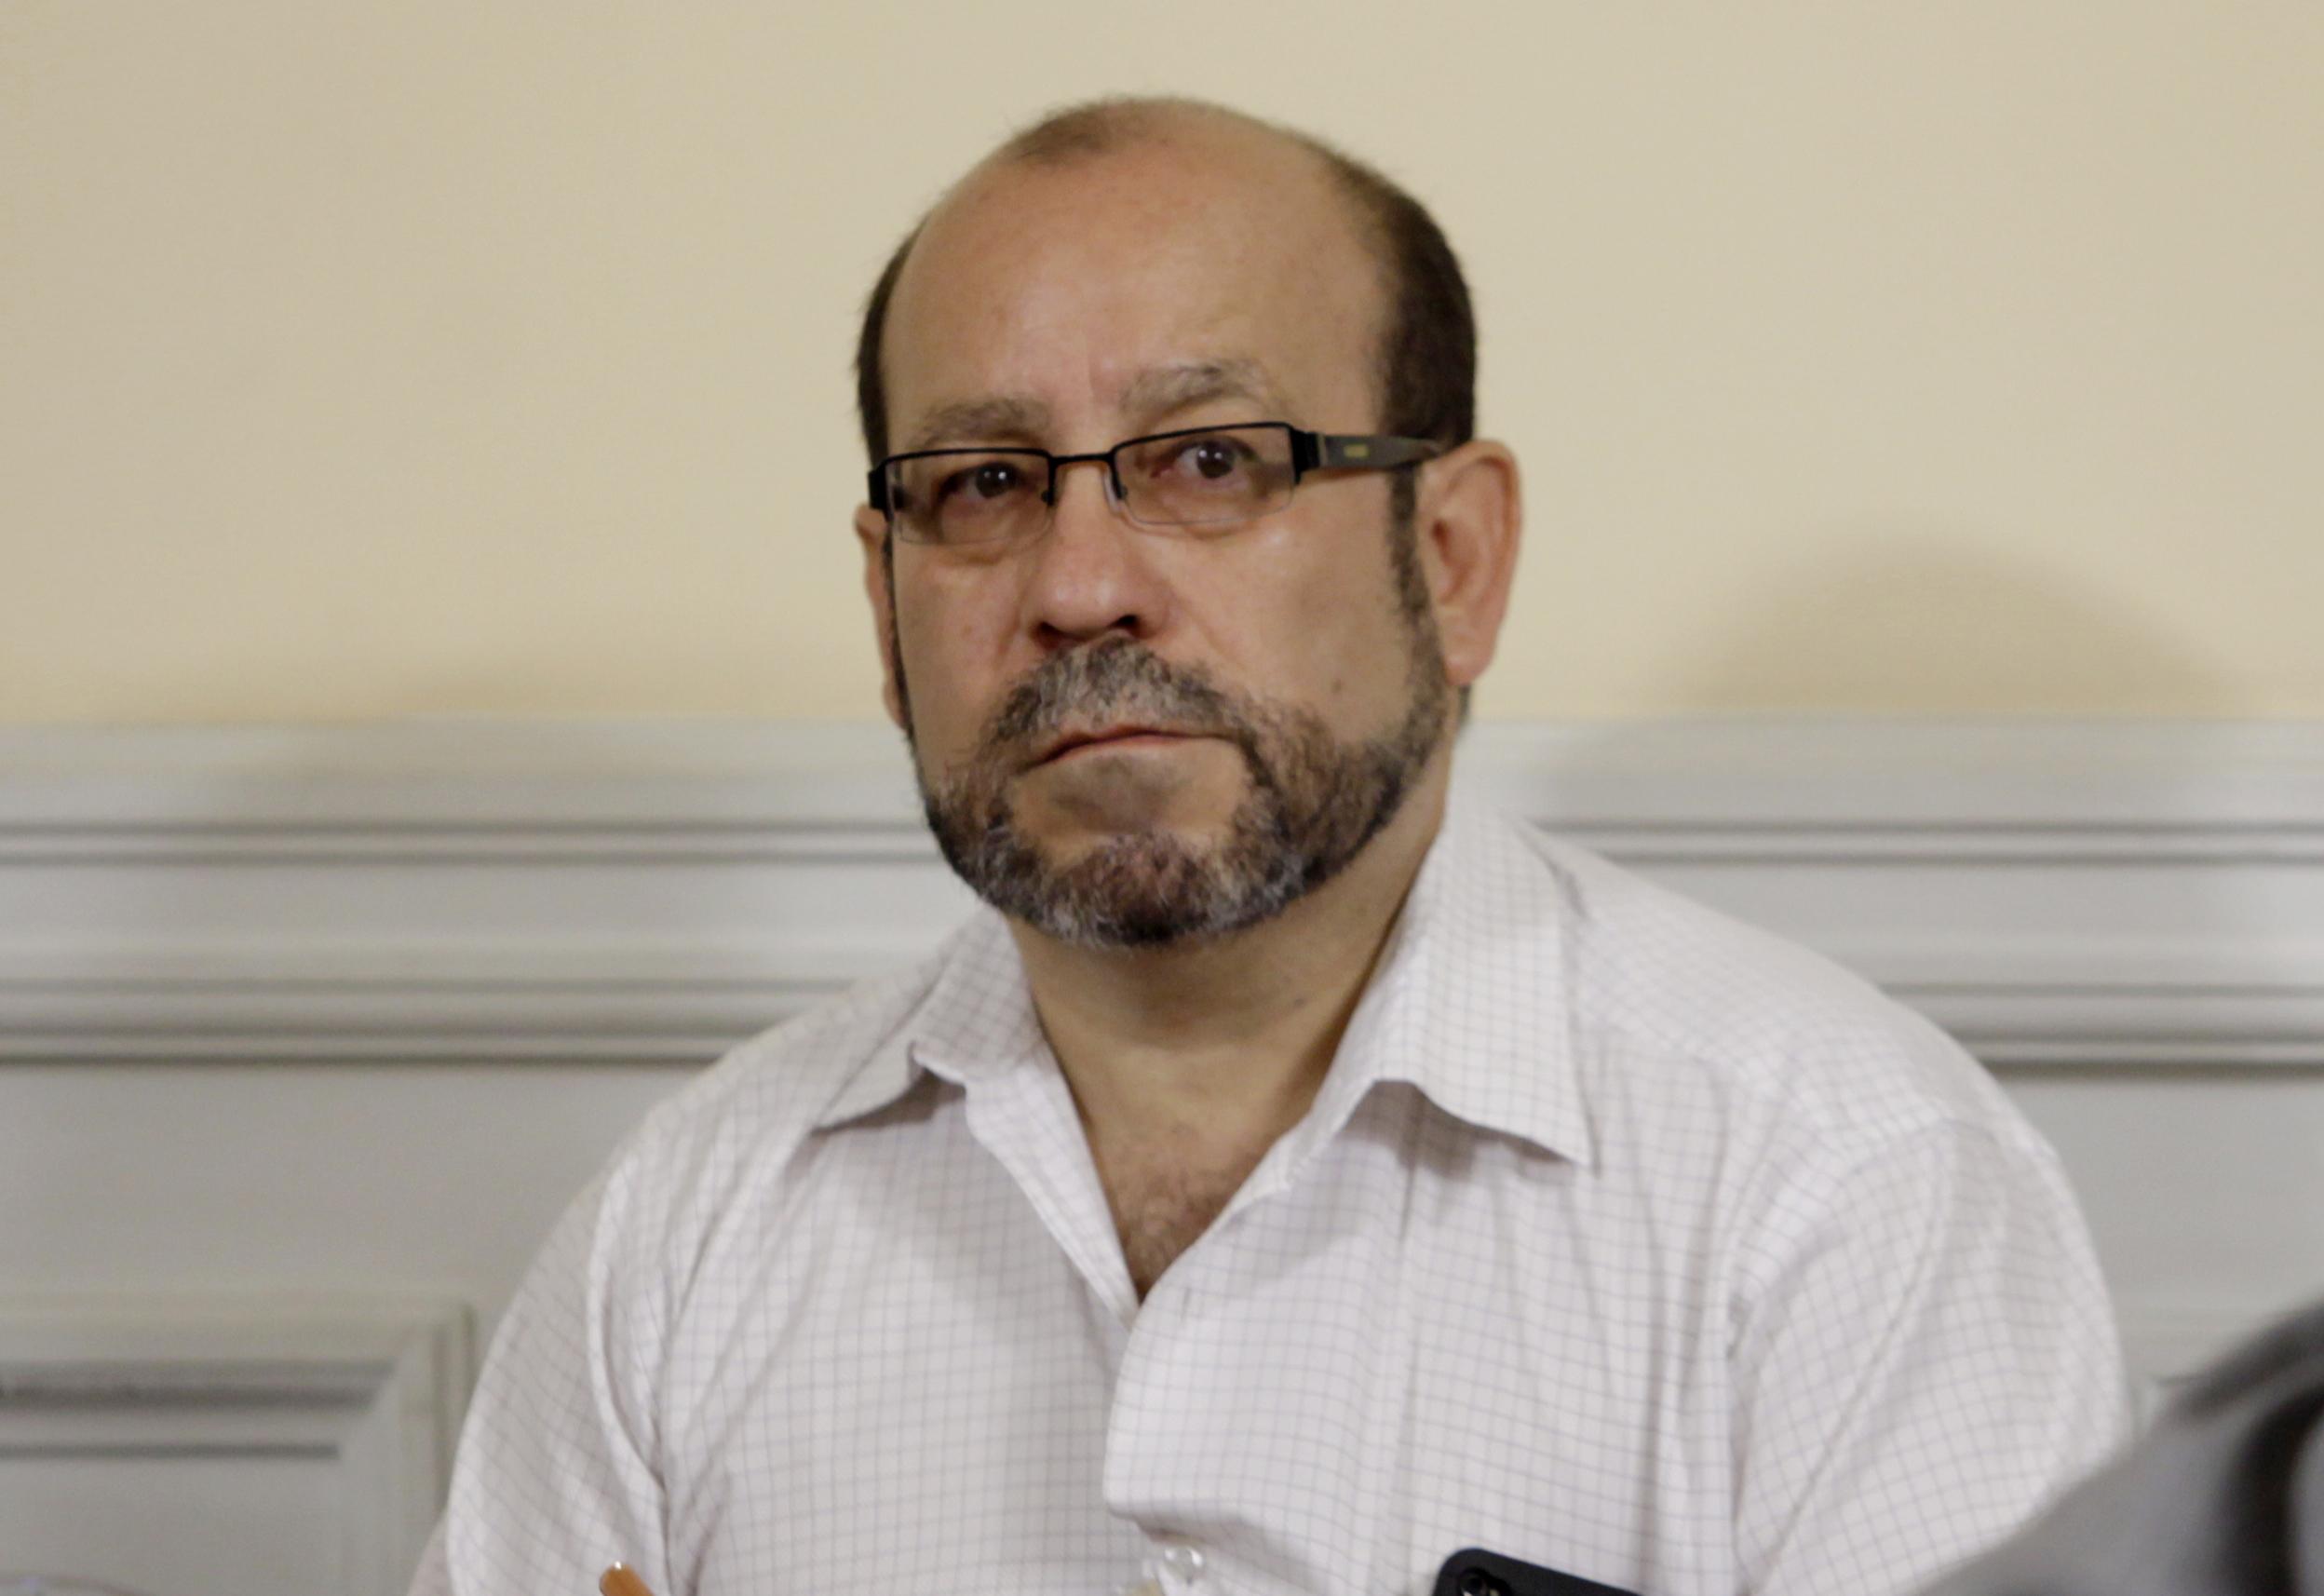 Los años subversivos de Rolando Jiménez: la desconocida lucha armada del actual líder del Movilh